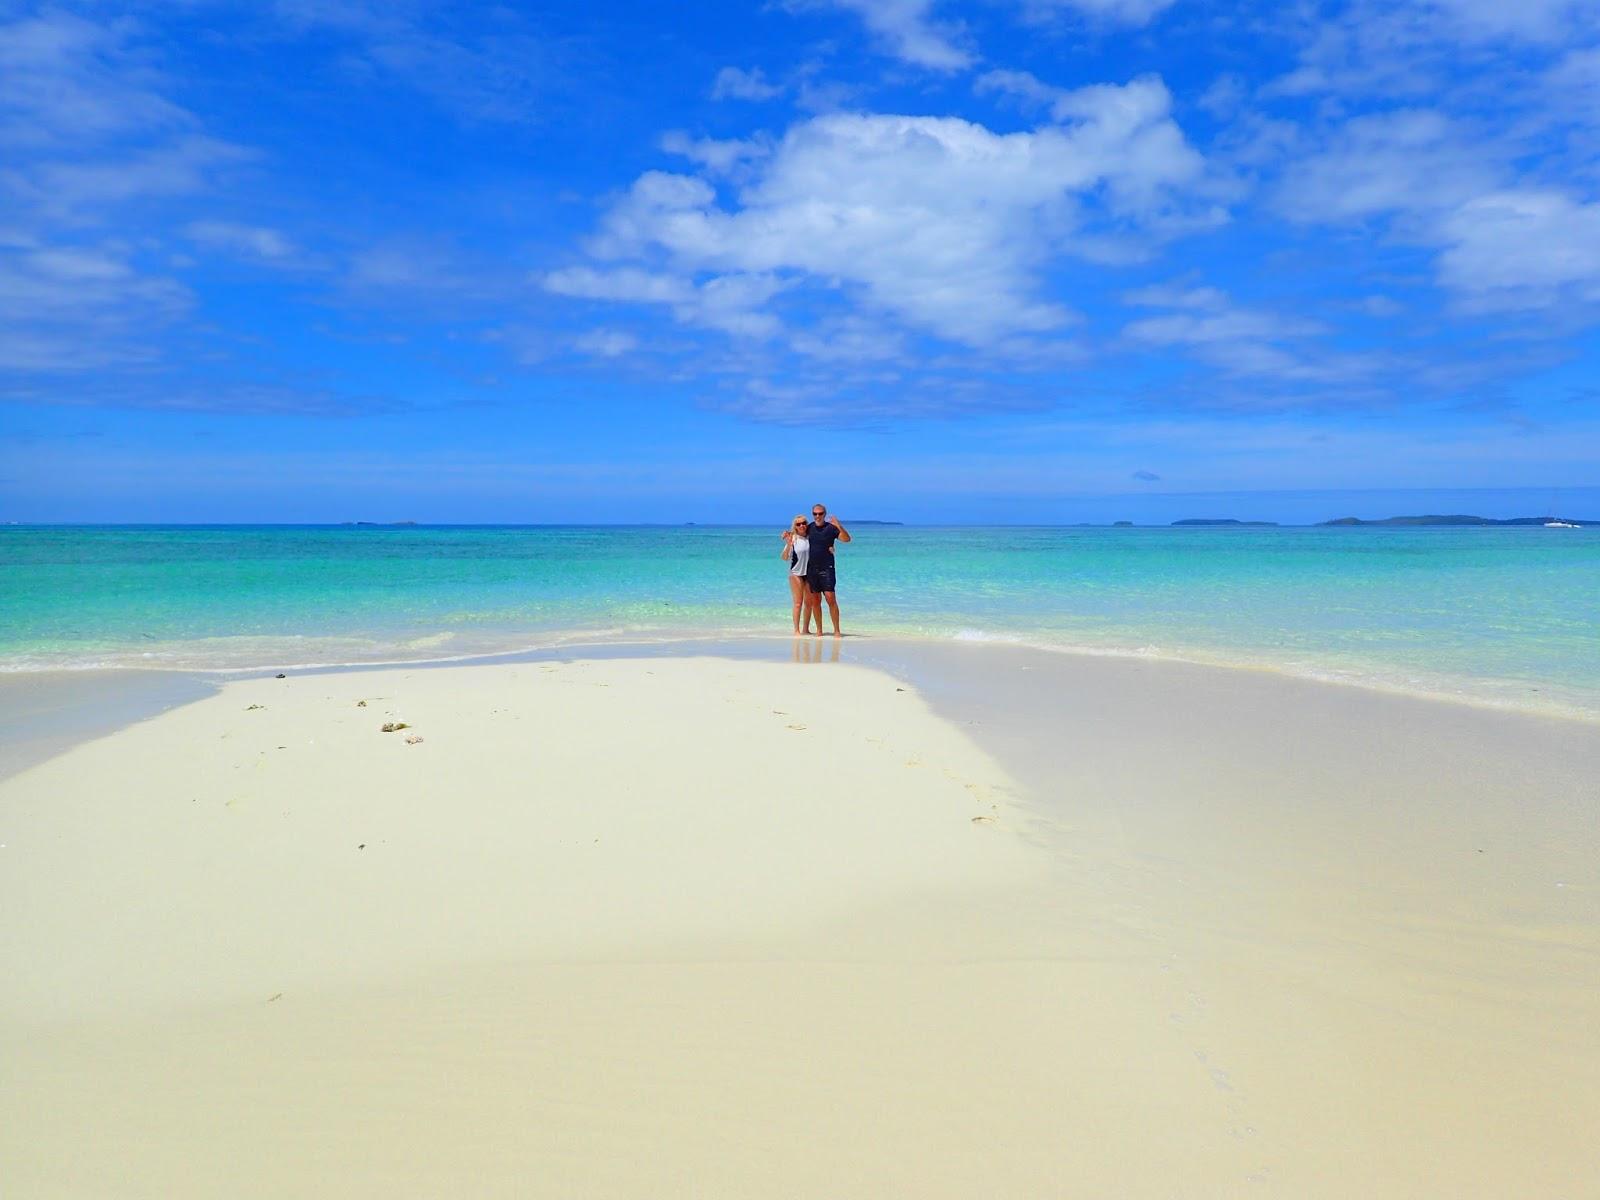 wayne pat dunlap sand island vana u vanau islands kingdom of tonga